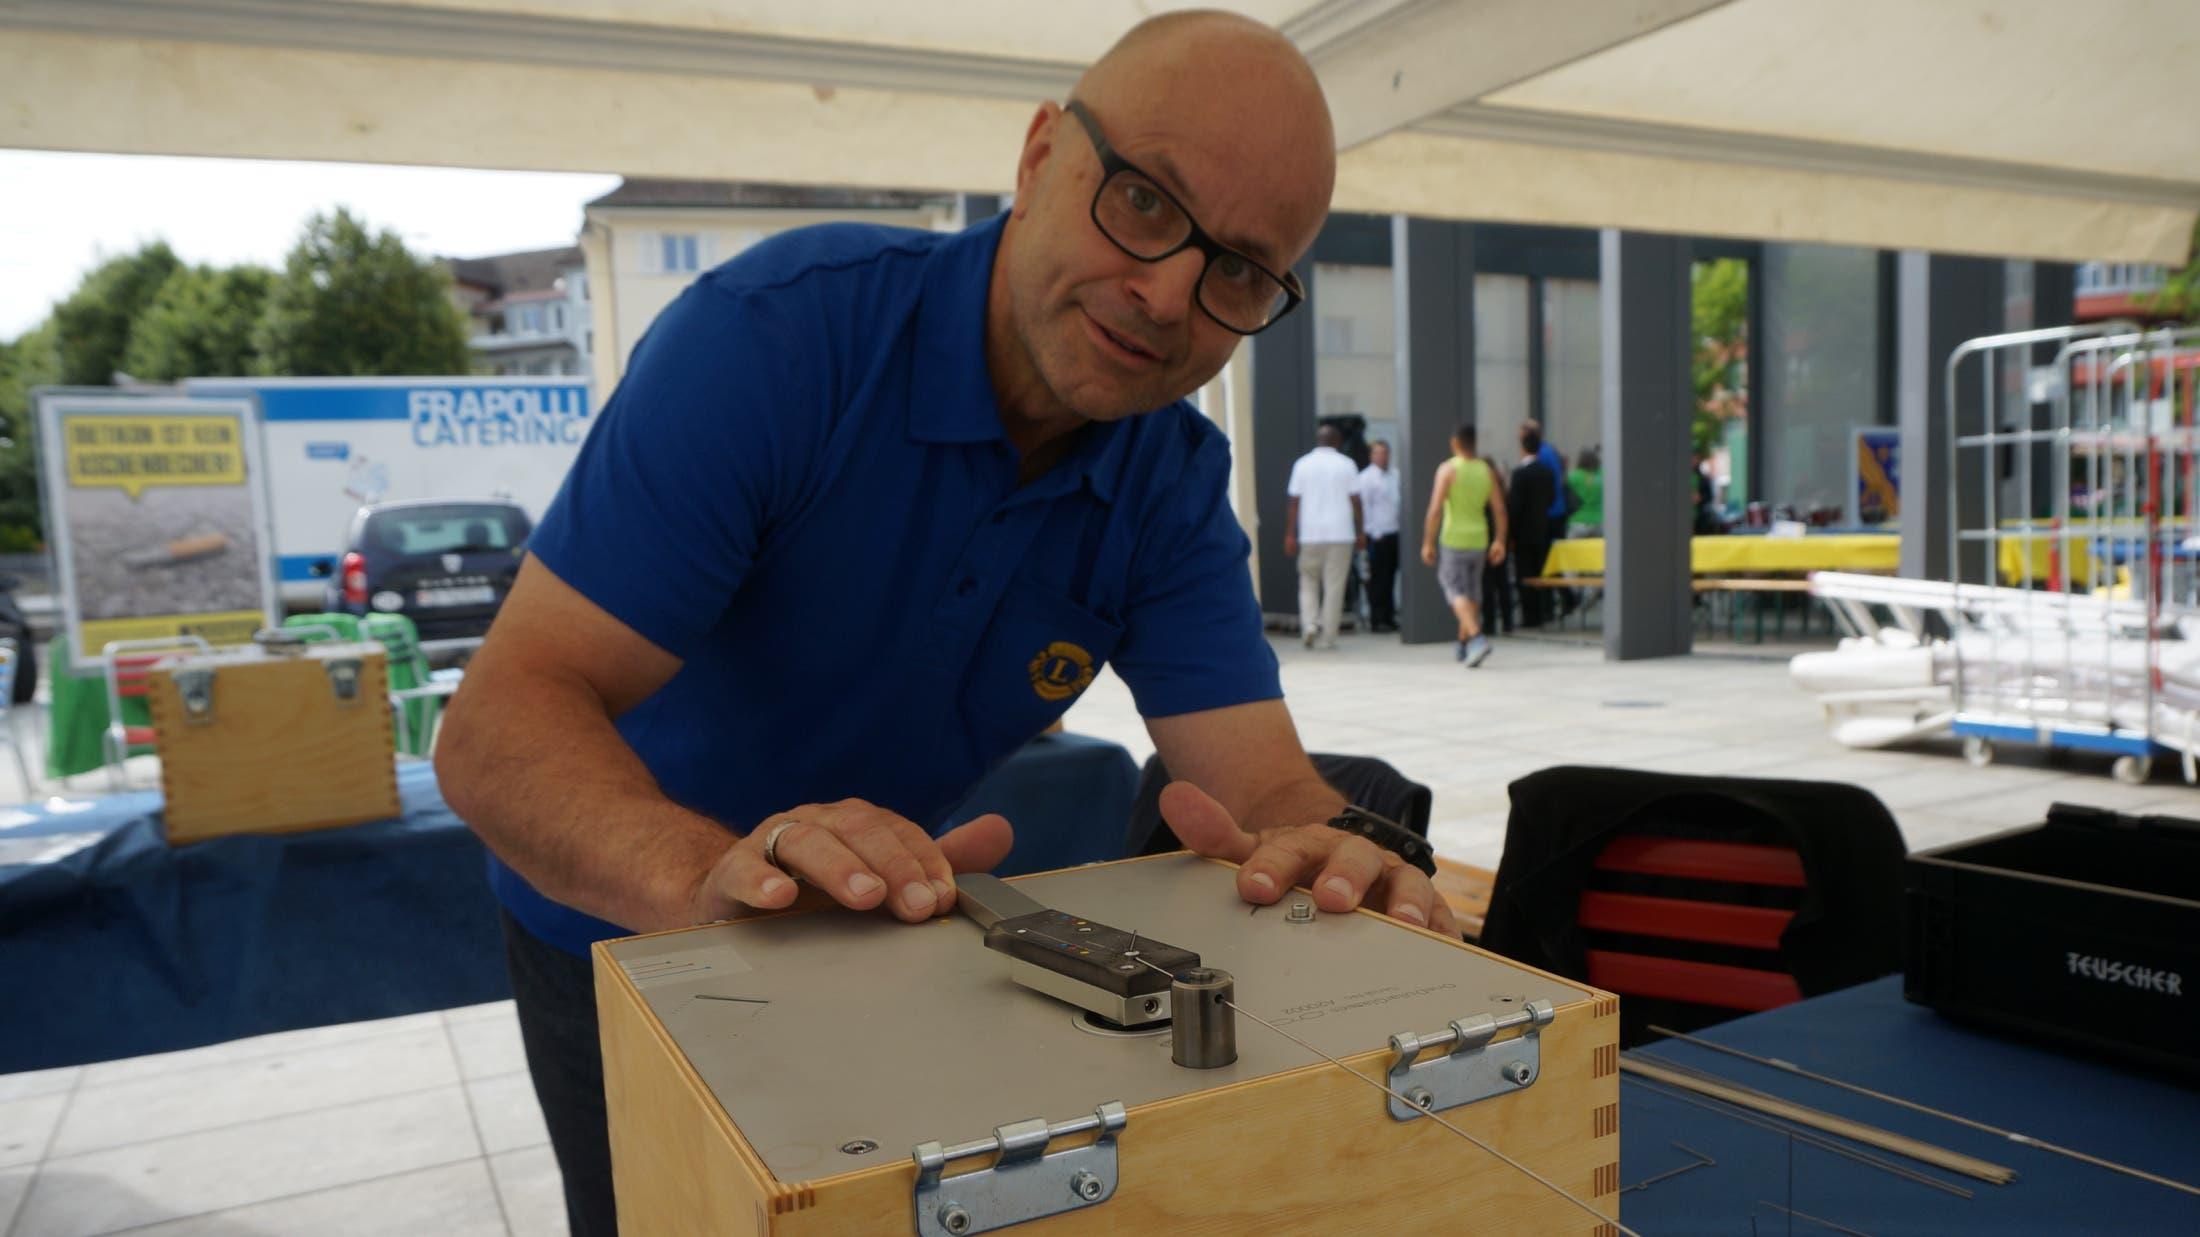 Mit dieser Kiste kann das Draht nach Mass rechtwinklig gebogen werden für die Ein-Dollar-Brille. Remo Quirici erklärt, wie die Brillenherstellung funktioniert.